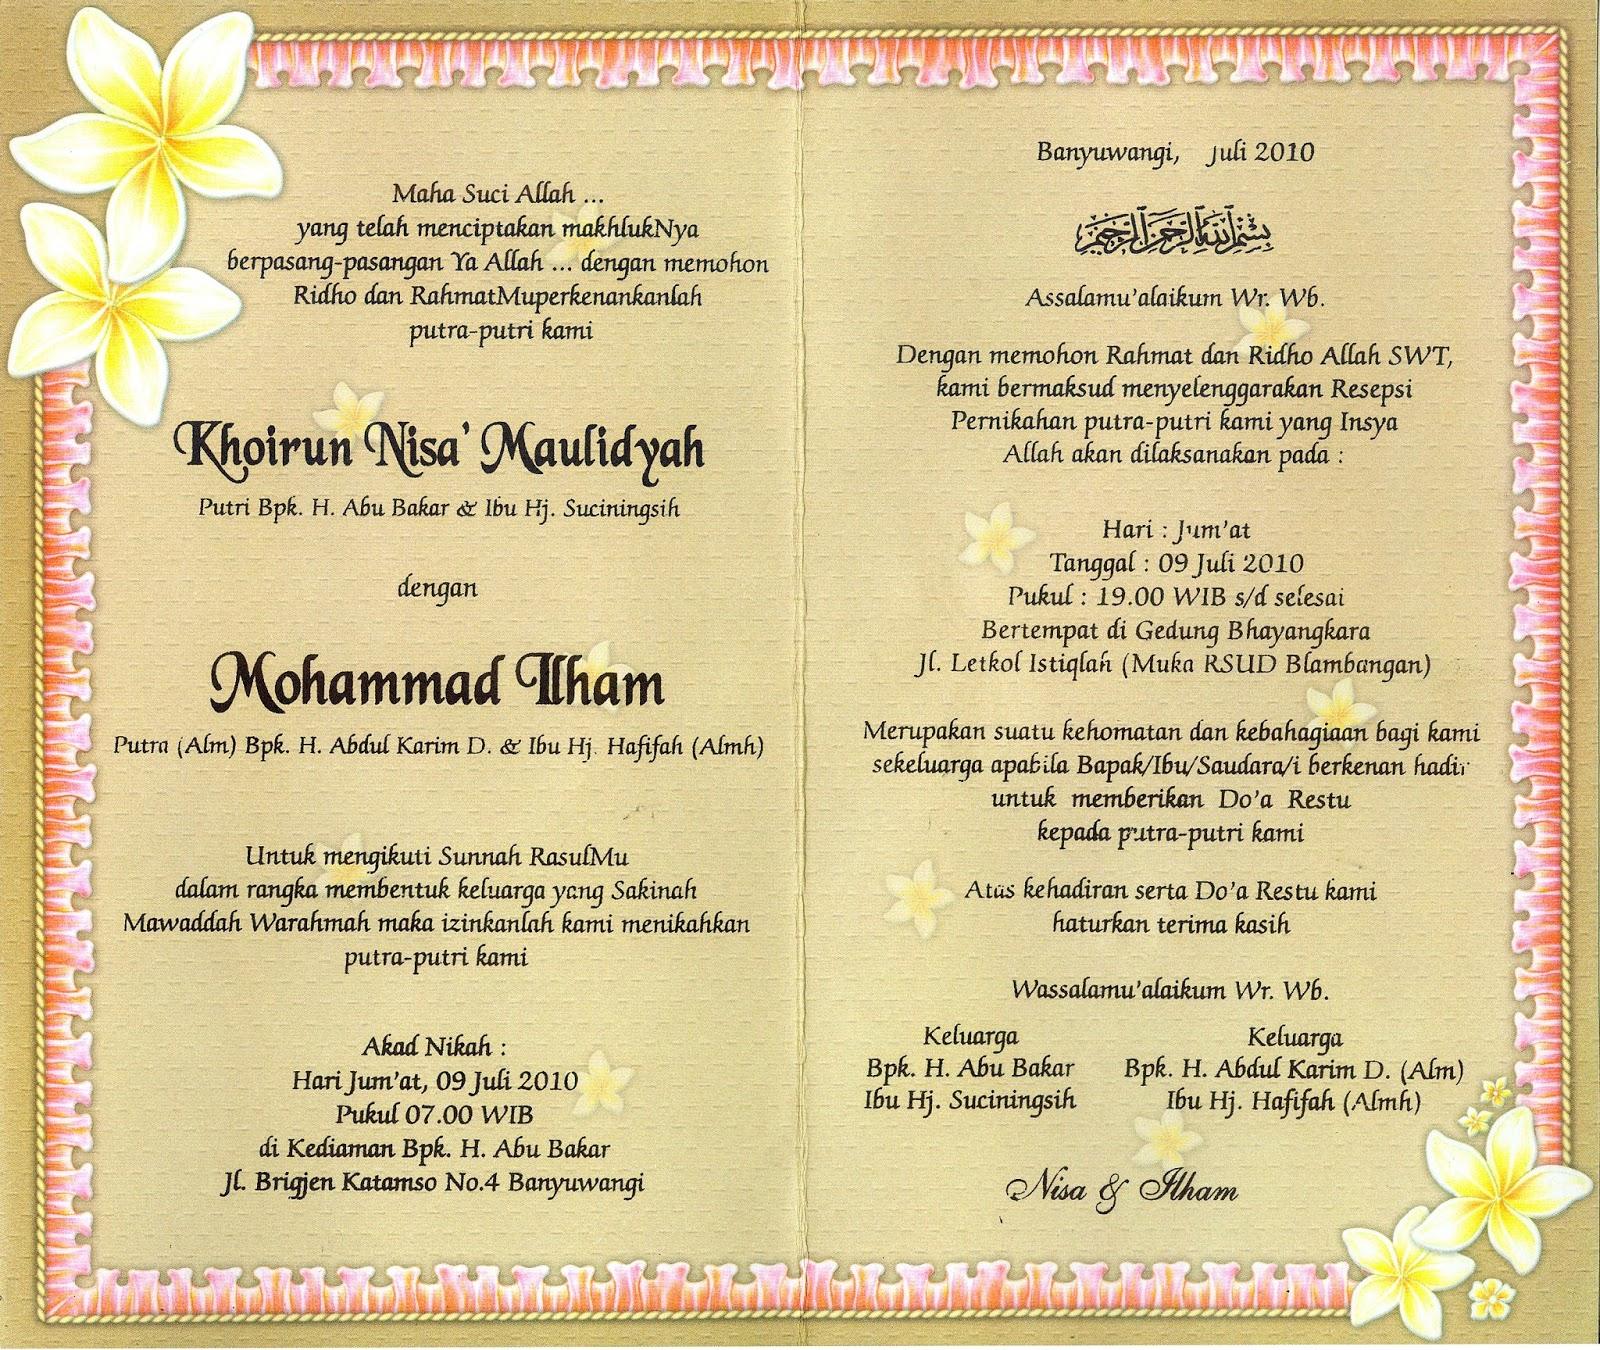 48++ Contoh surat undangan aqiqah bahasa sunda terbaru yang baik dan benar